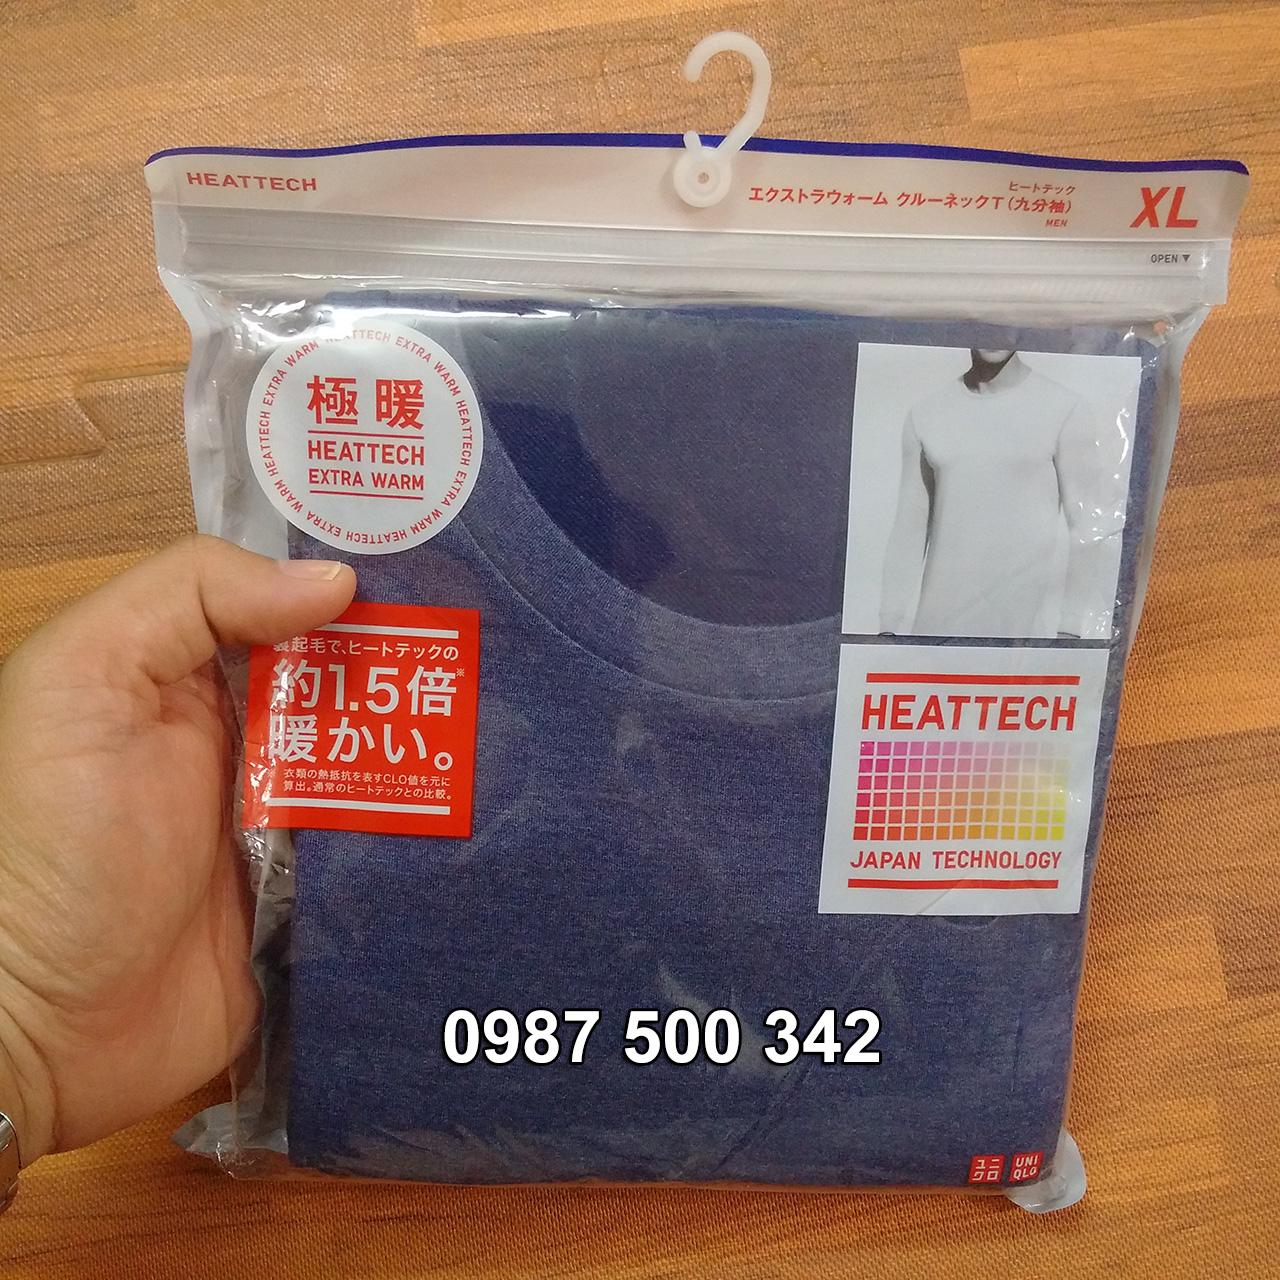 Ảnh thật áo giữ nhiệt nam cổ tròn Heattech Extra Warm màu xanh biển 67 Blue